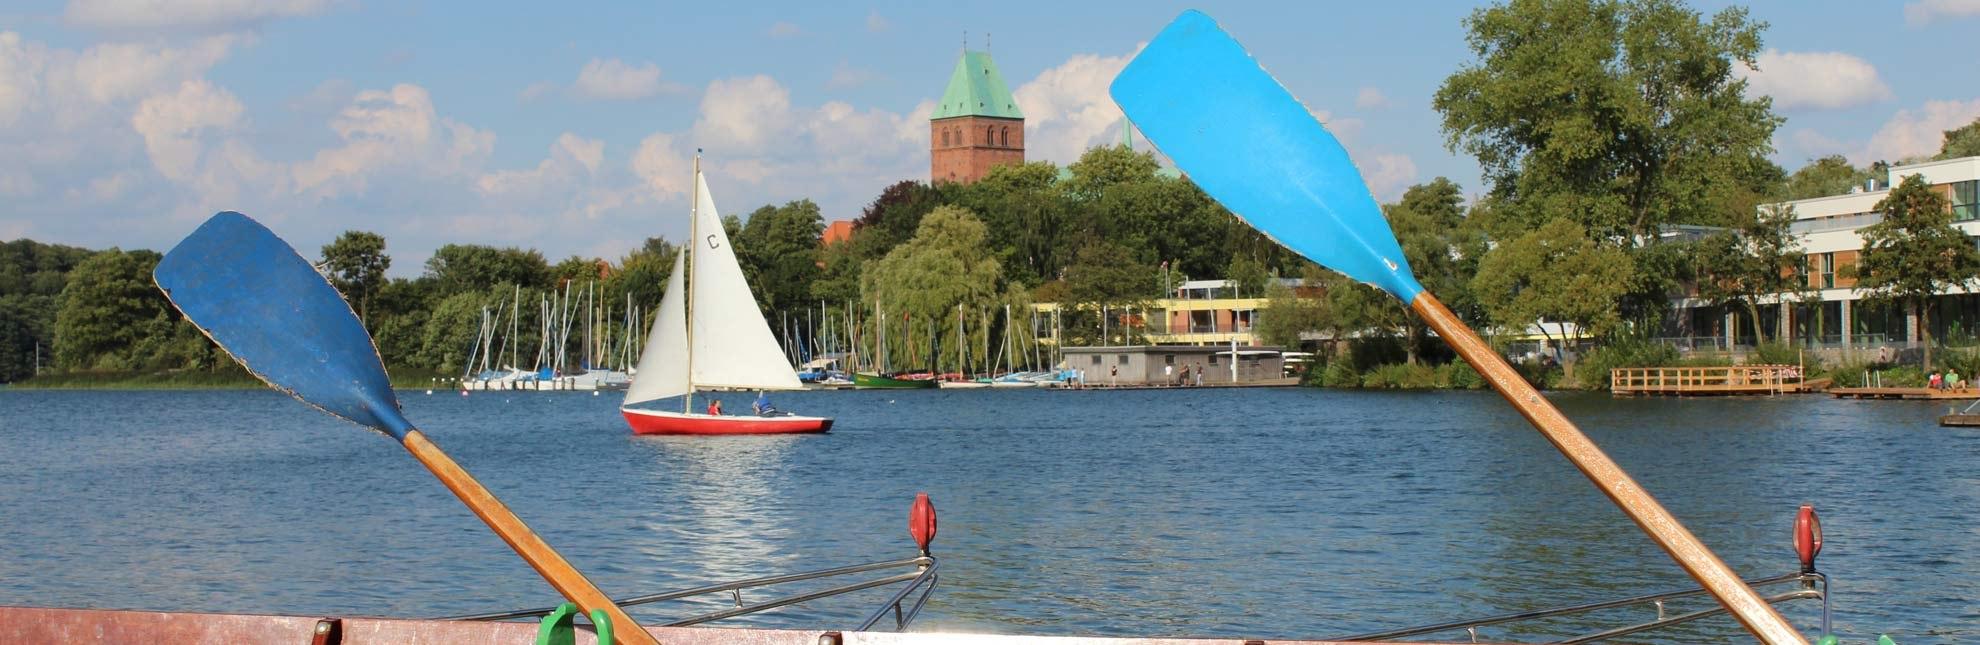 Das Rudern hat in Ratzeburg Tradition. Darüber hinaus ist der Ratzeburger See ein beliebtes Binnensegelrevier., © Carina Jahnke / HLMS GmbH